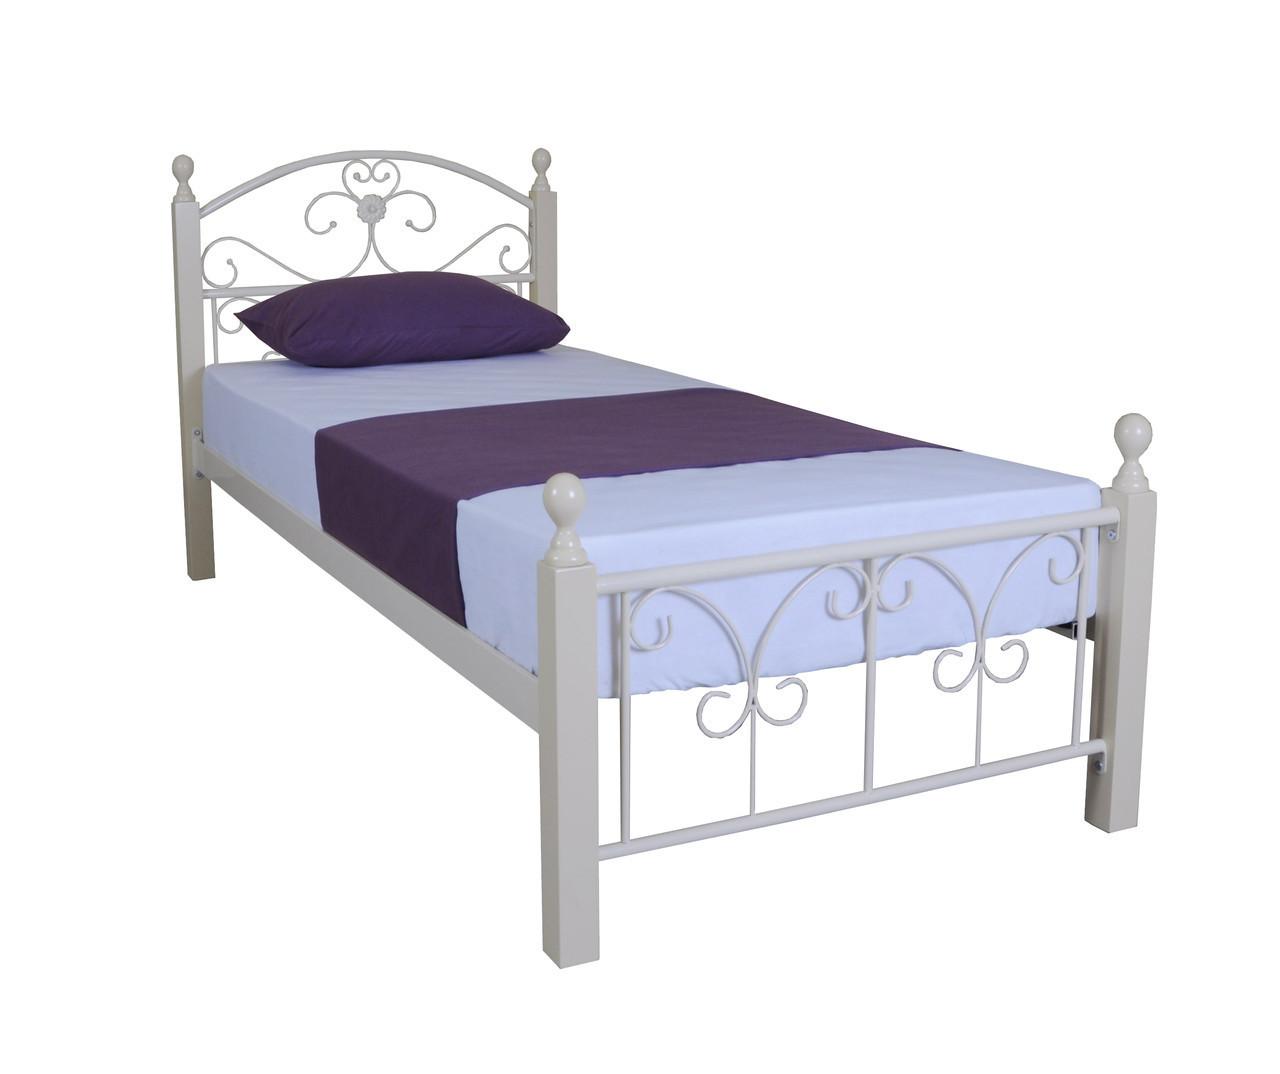 Кровать Патриция Вуд односпальная 90х190 см ТМ Melbi